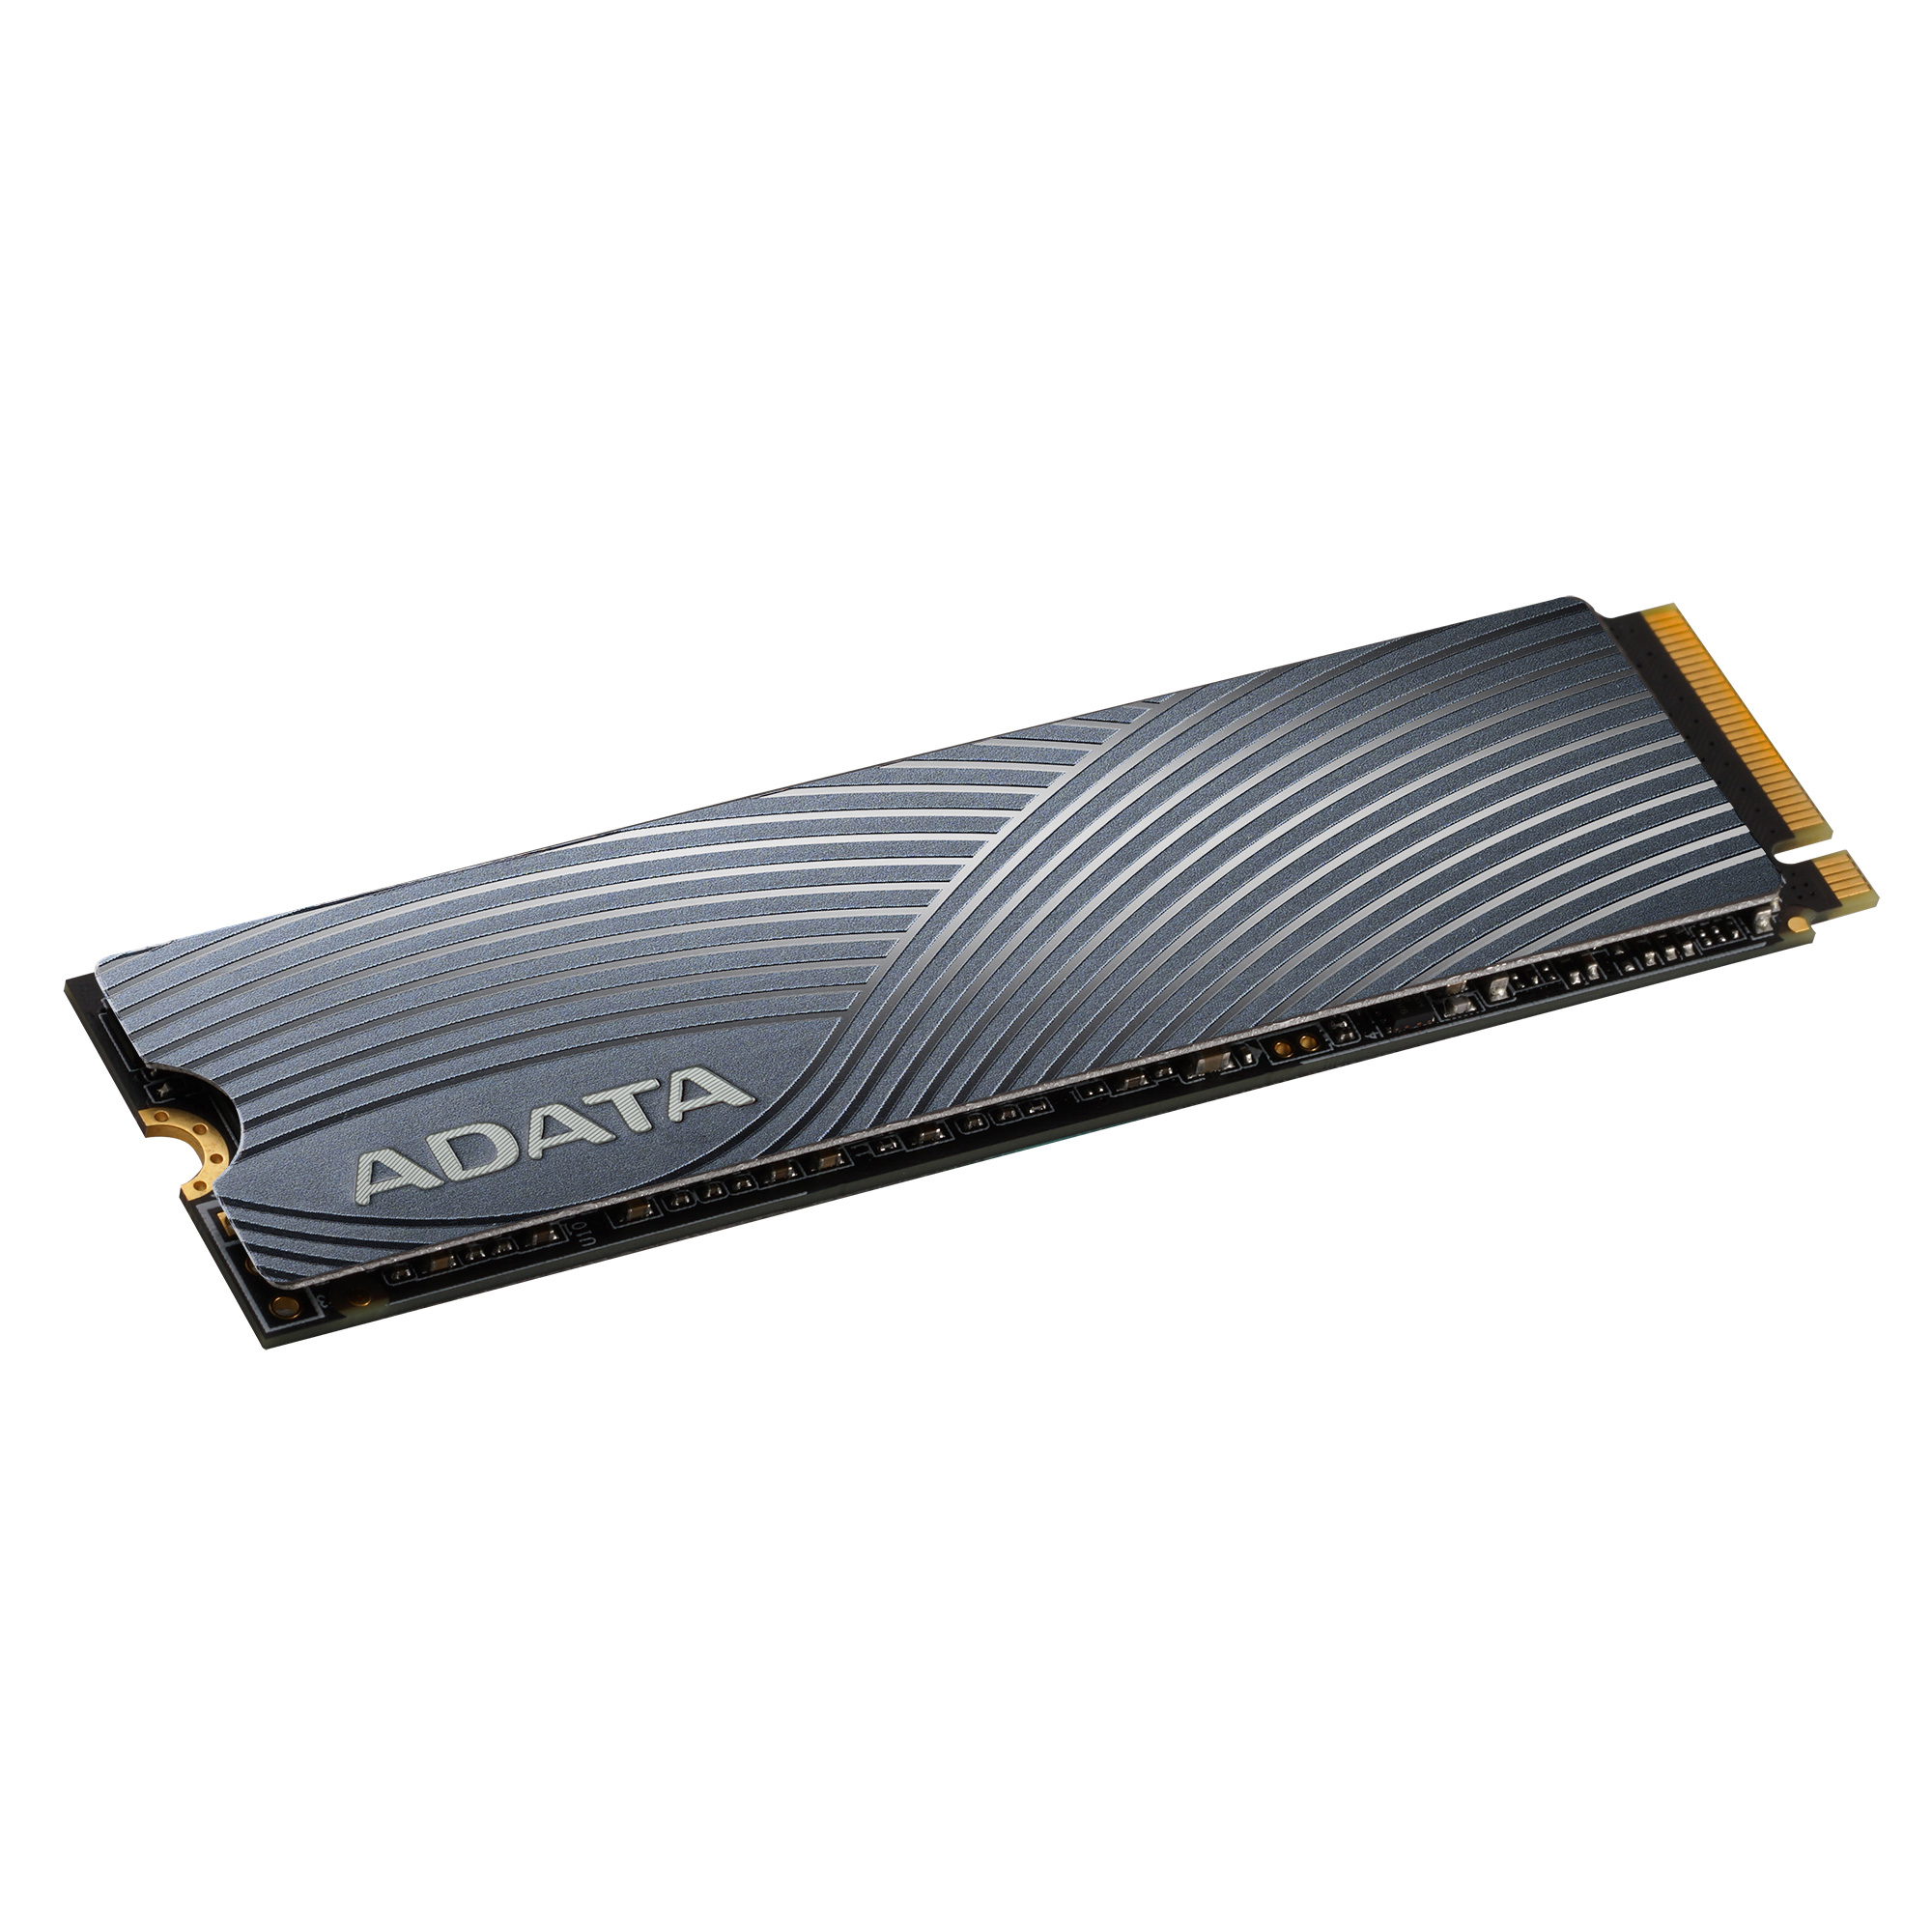 SOLIDO M2 500GB SWORDFISH - ADATA